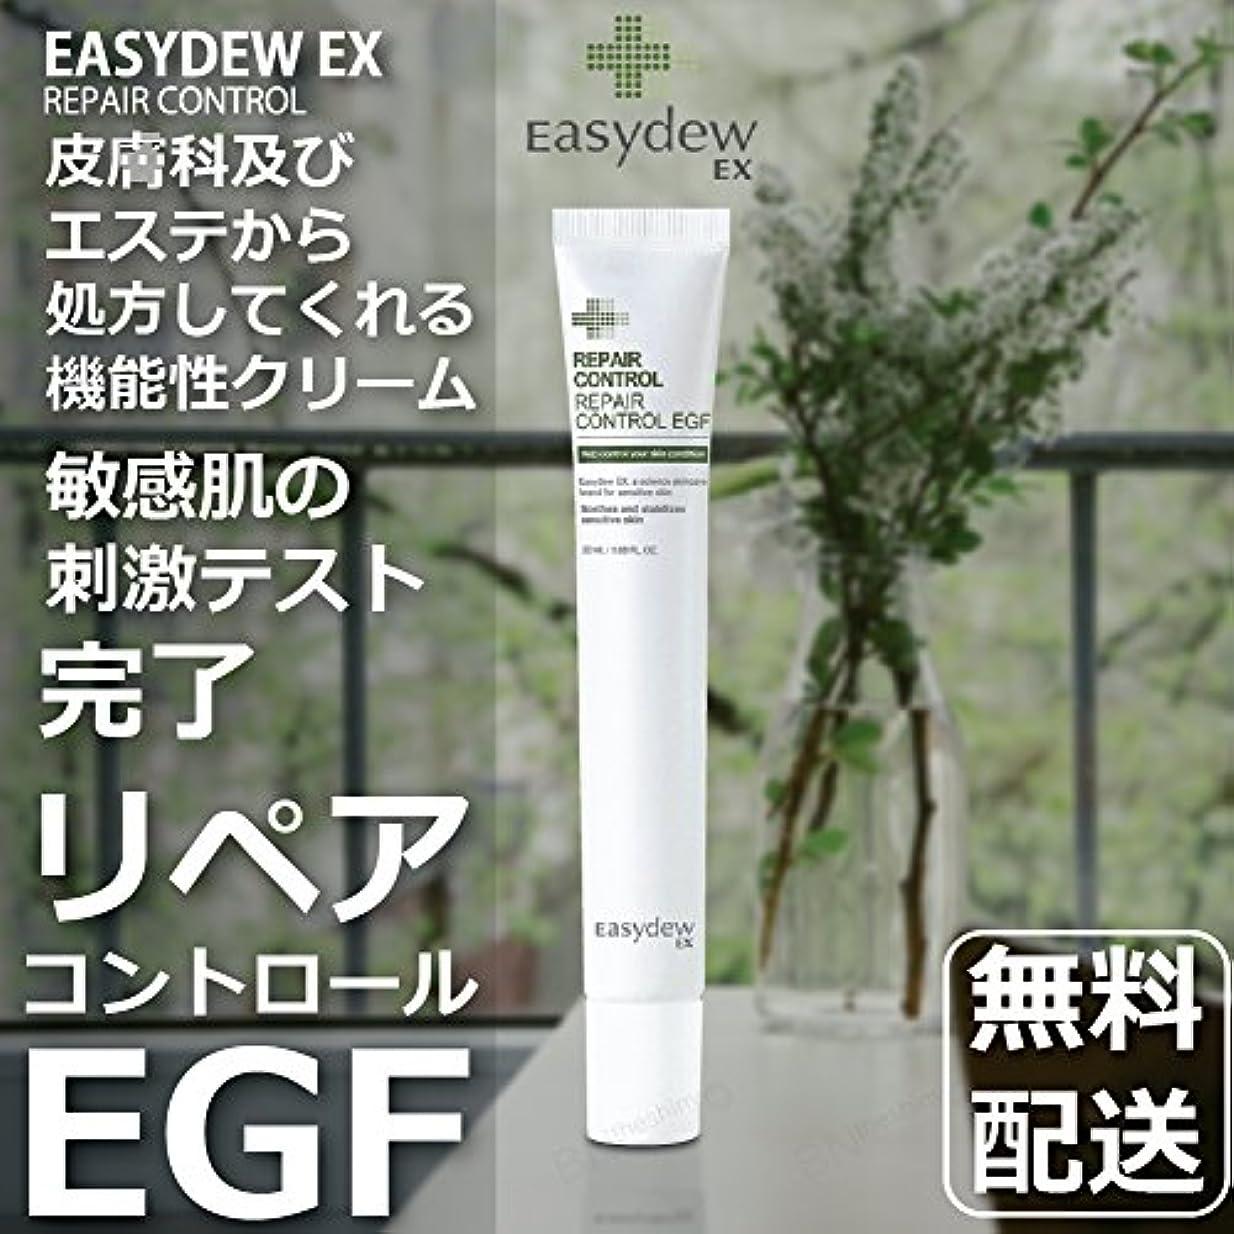 受賞オリエントカウントアップデウン製薬 リペア コントロール EGF 20ml. Repair Control EGF 20ml.